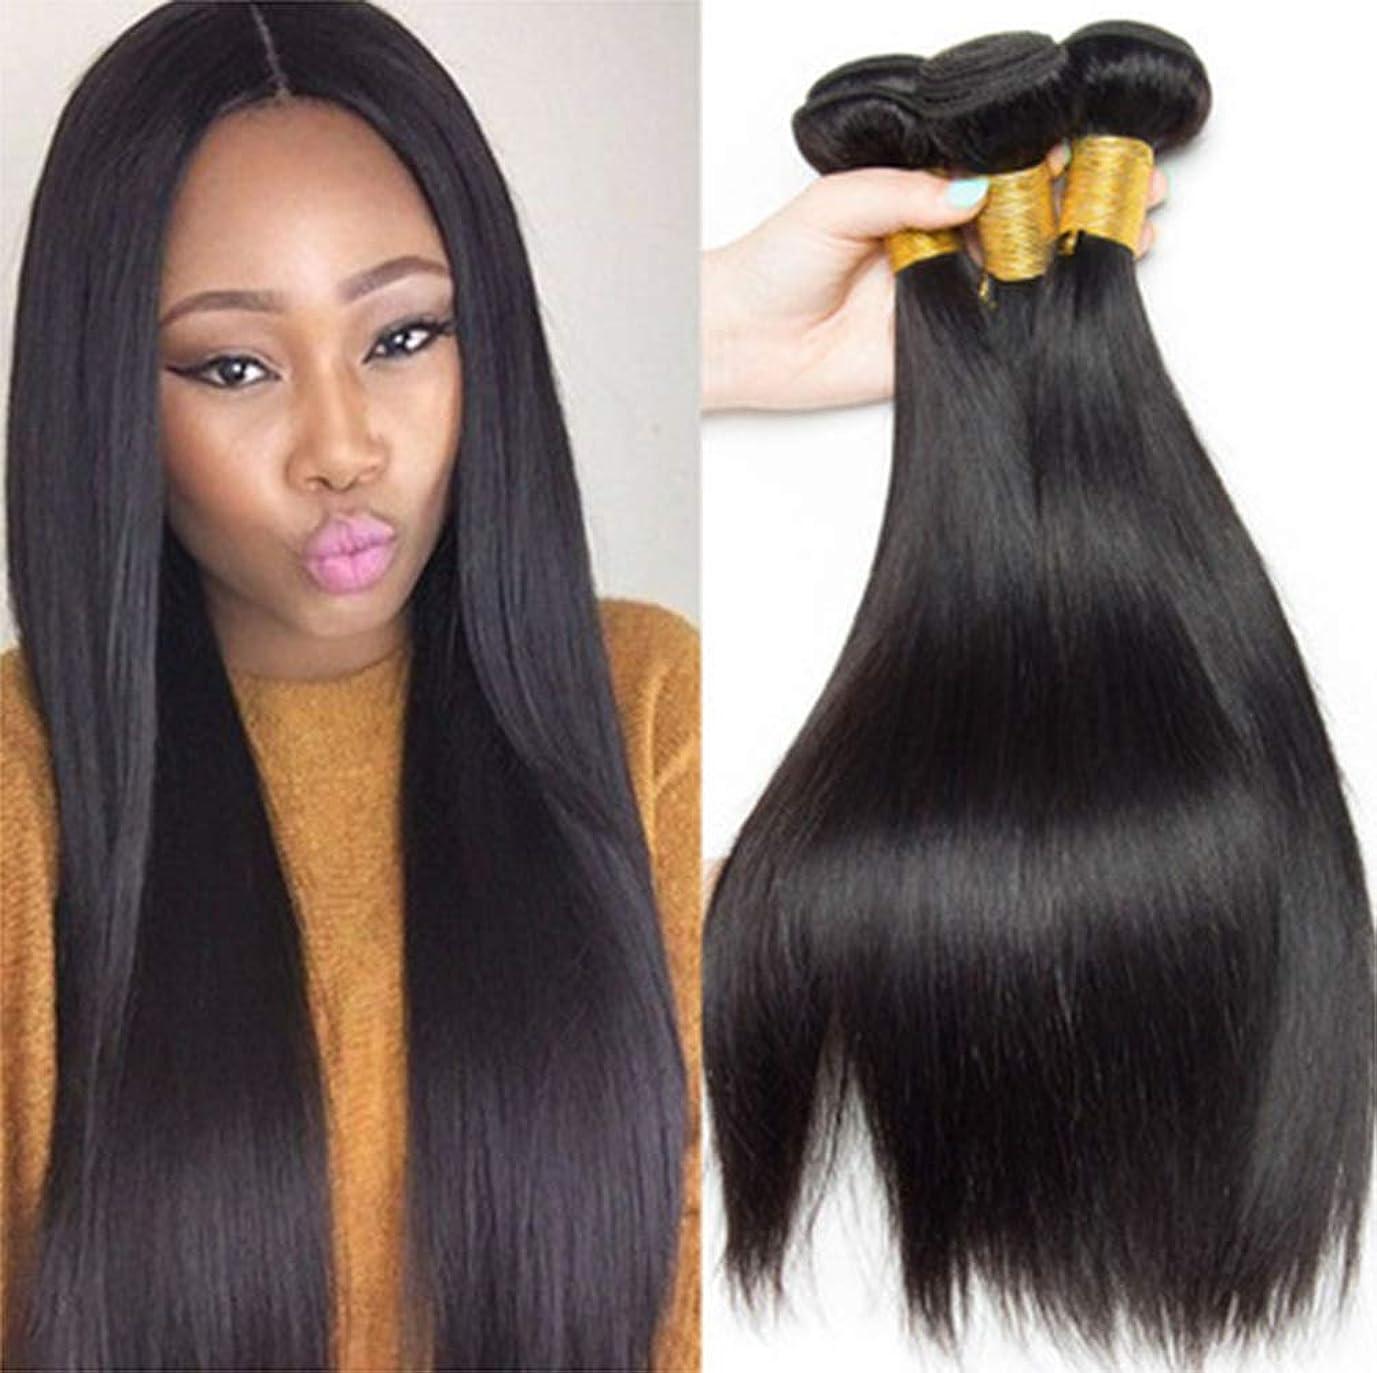 ナイトスポット懐疑的再現する女性の髪織り密度150%ロング1バンドルブラジルレミーペルーストレートヘアロングストレート人間の髪